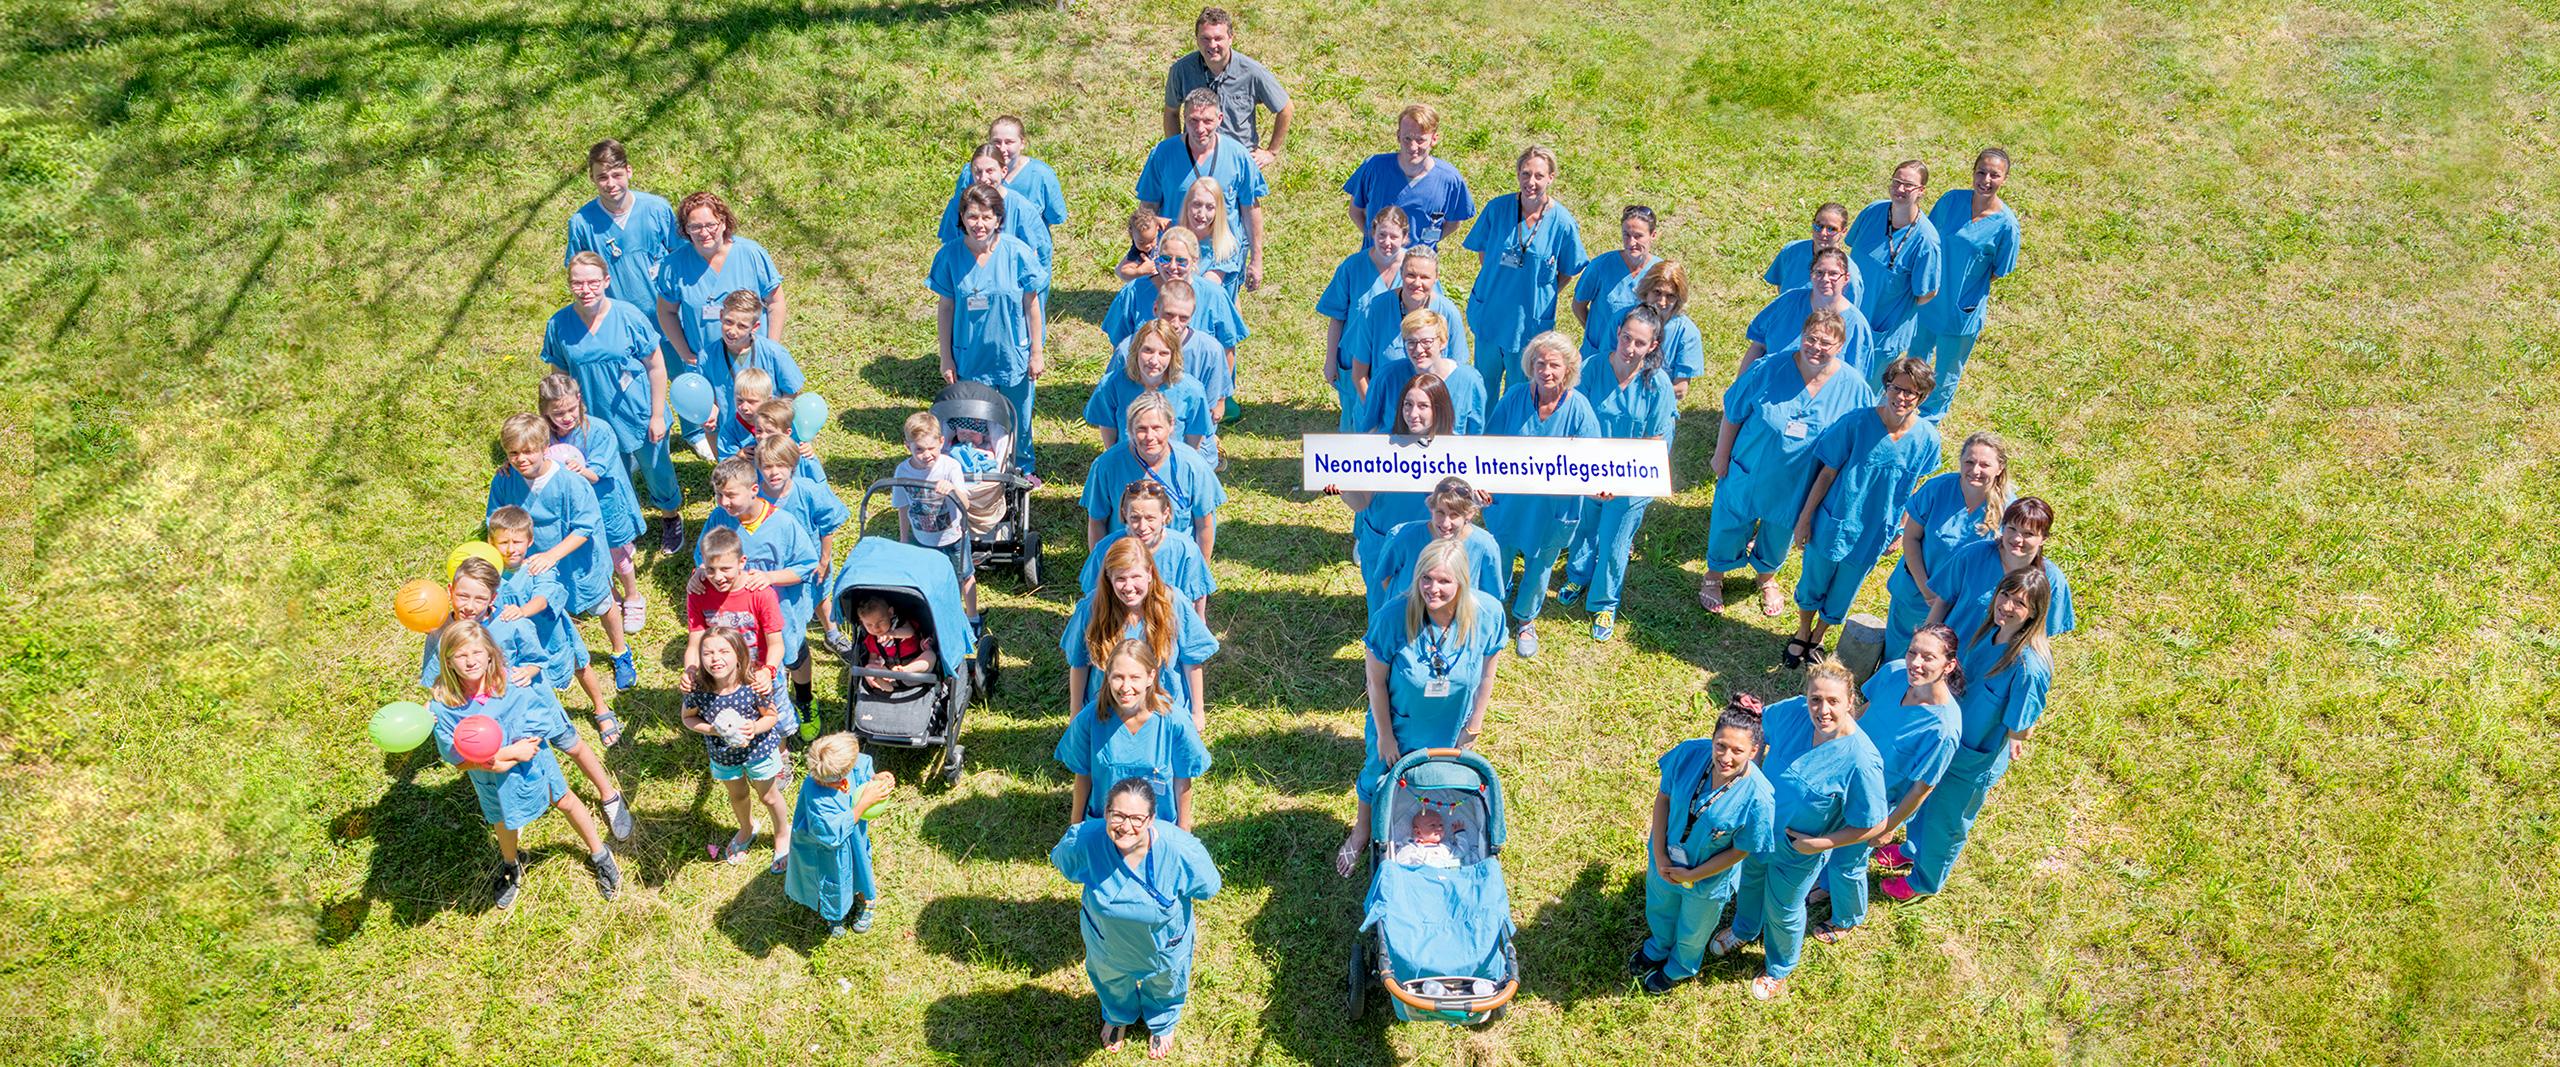 Jede Stimme zählt: Jetzt abstimmen für das Pflegeteam der Früh- und Neugeborenenintensivstation am Universitätsklinikum Bonn